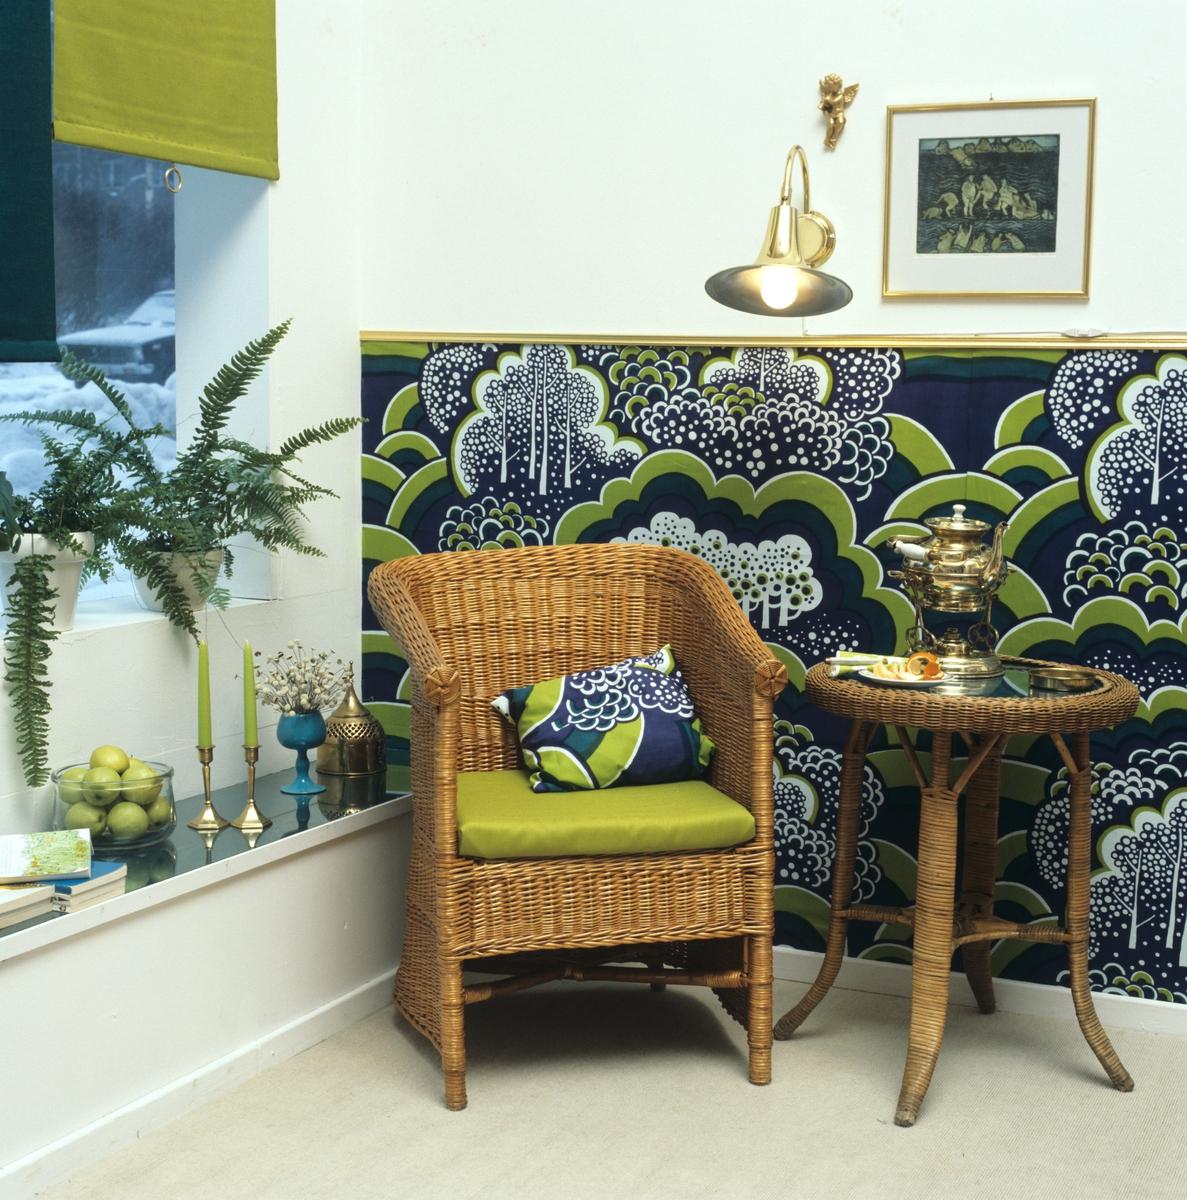 Innredning av lesekrok med tekstiler i grønne og blå farger. Kurvmøbler. Illustrasjonsbilde fra Nye Bonytt 1978.